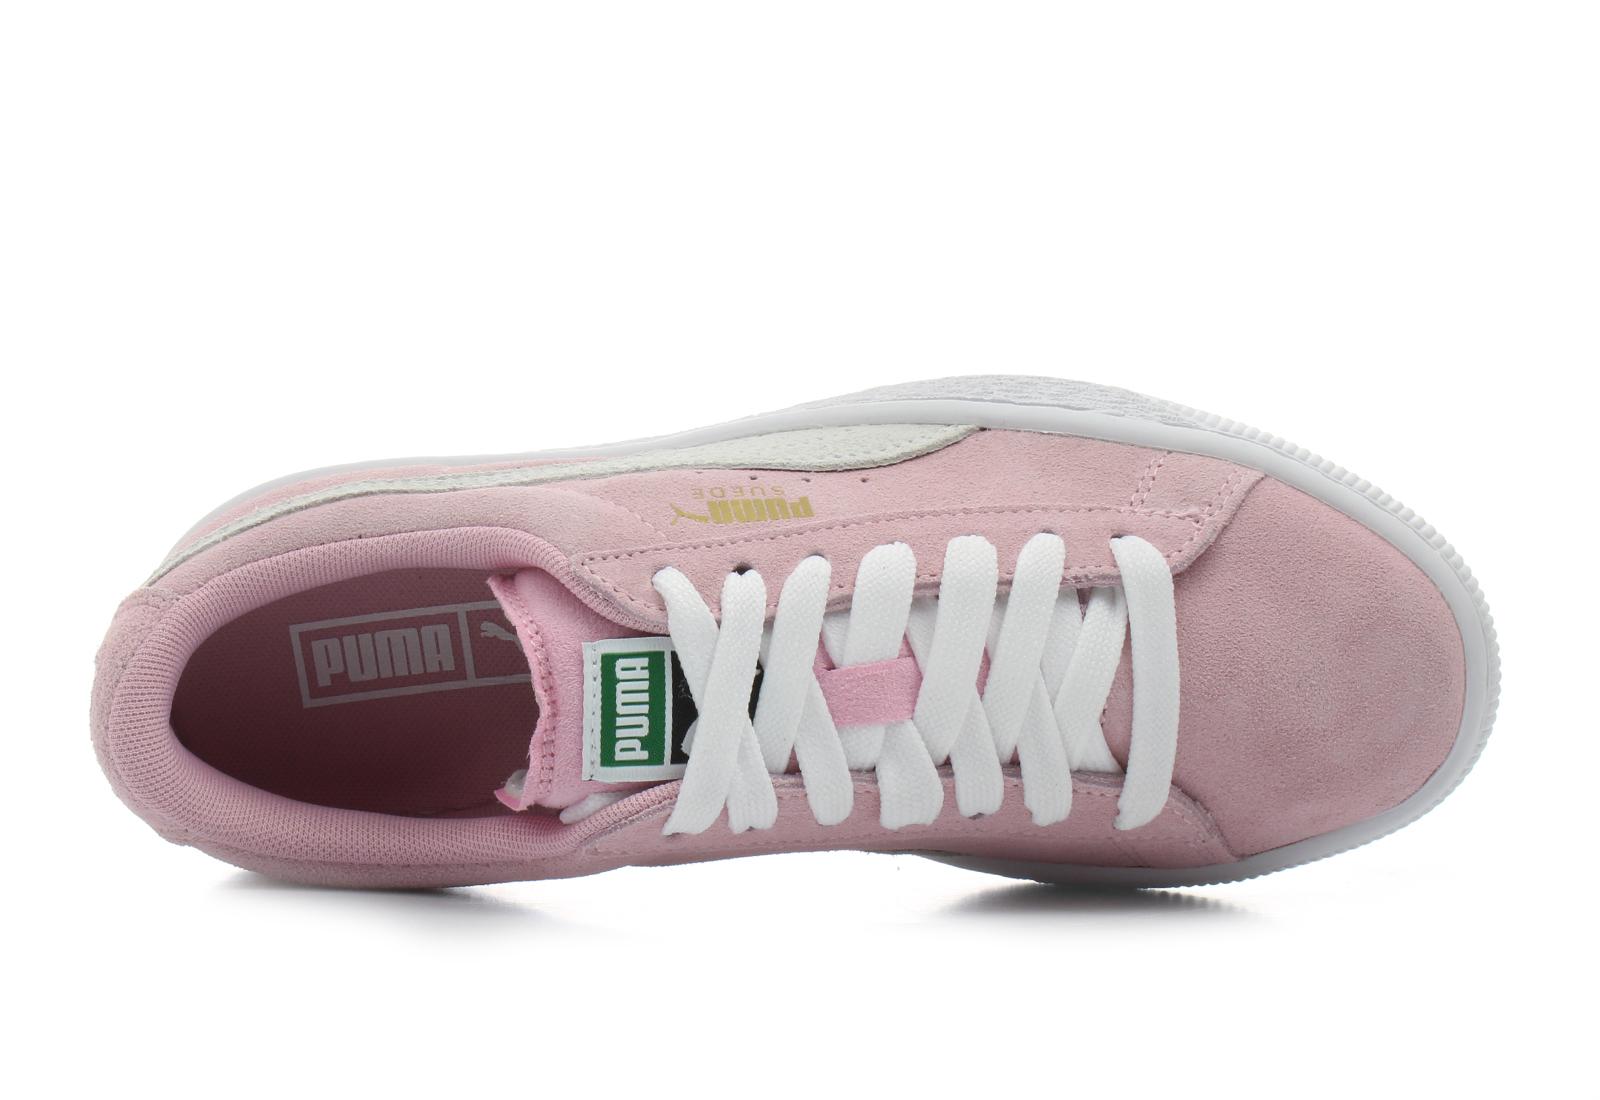 Puma Cipő - Suede Jr - 355110301-pnk - Office Shoes Magyarország 772e238e68